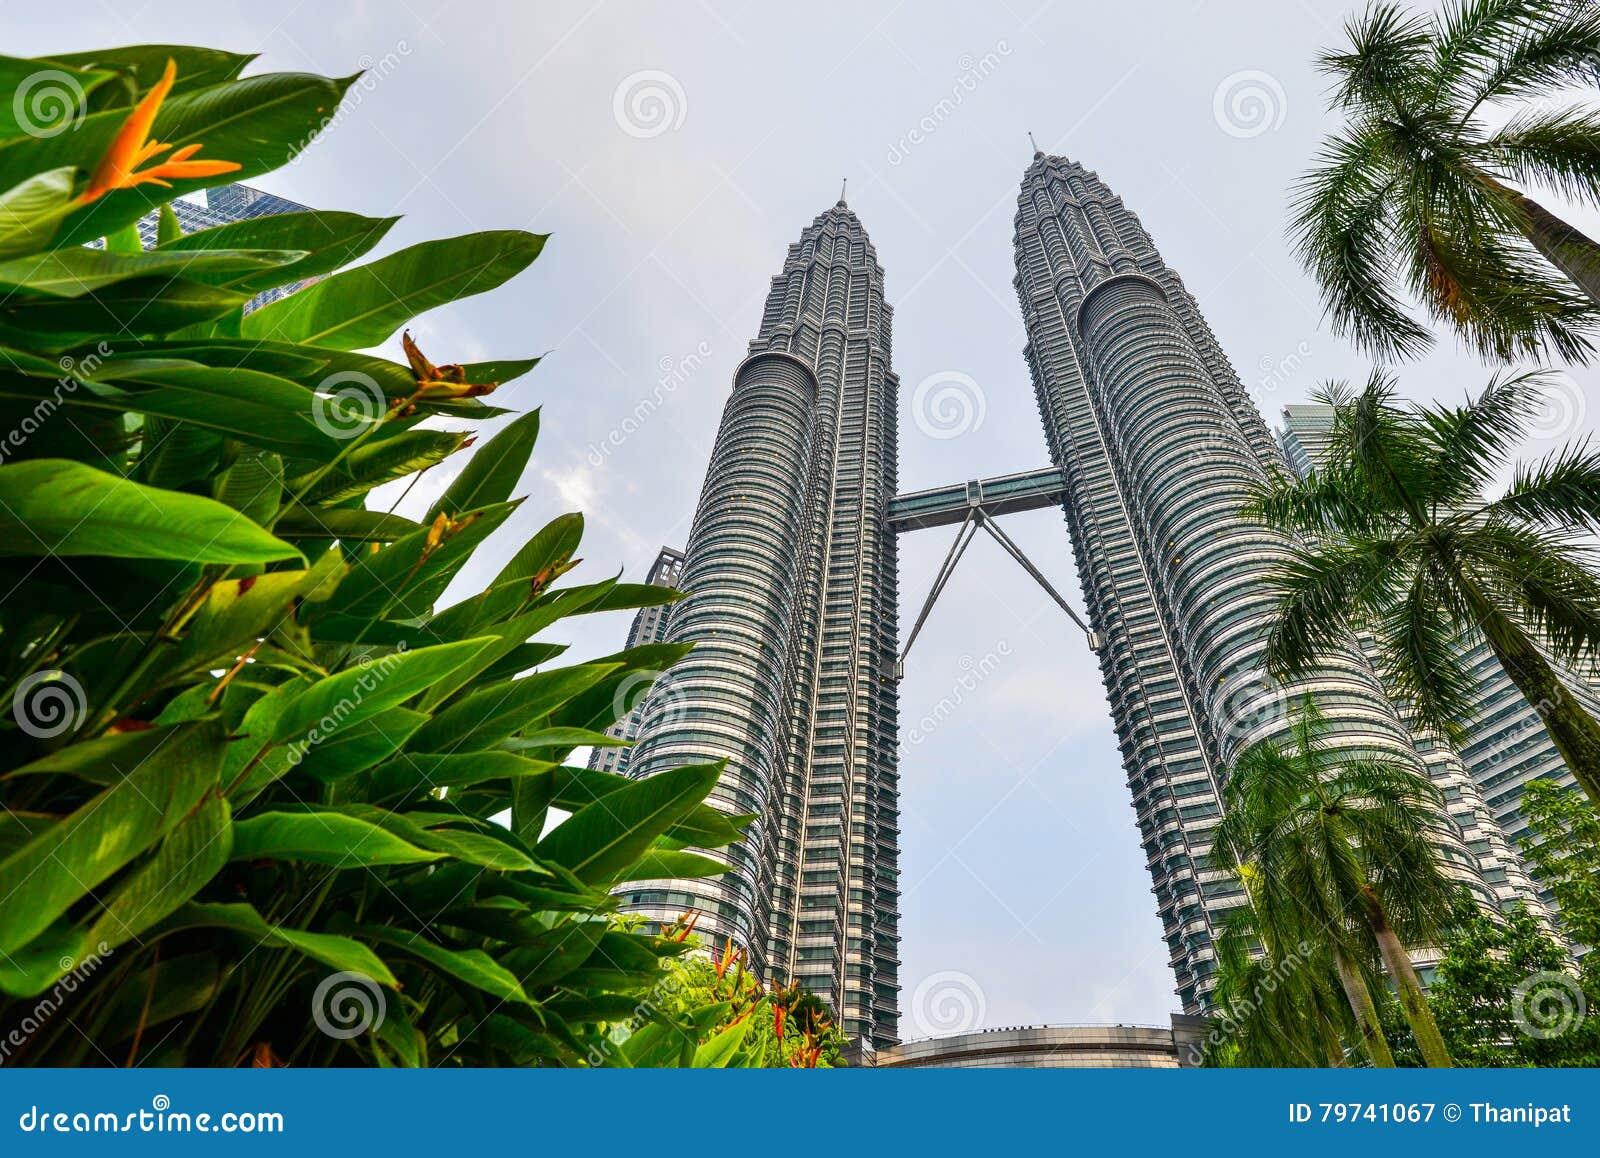 Torre gemela con primero plano de los árboles en Kuala Lumpur, Malasia